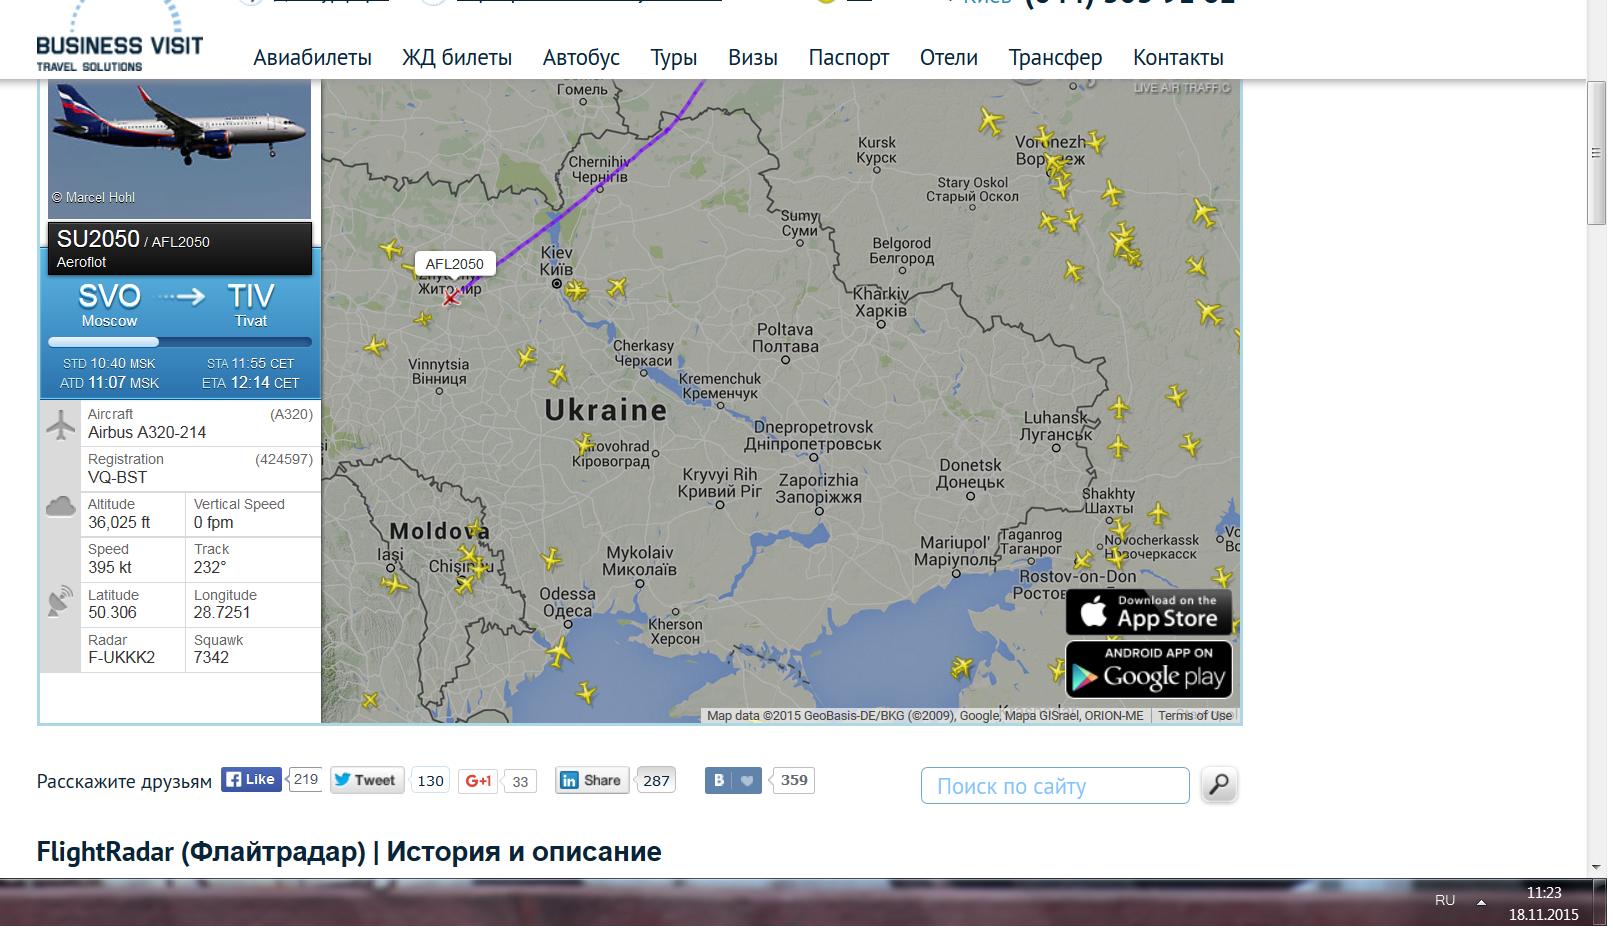 """Лысенко: """"У боевиков нет сил для широкомасштабного наступления. Они понимают, что обречены погибнуть в этом бою"""" - Цензор.НЕТ 37"""